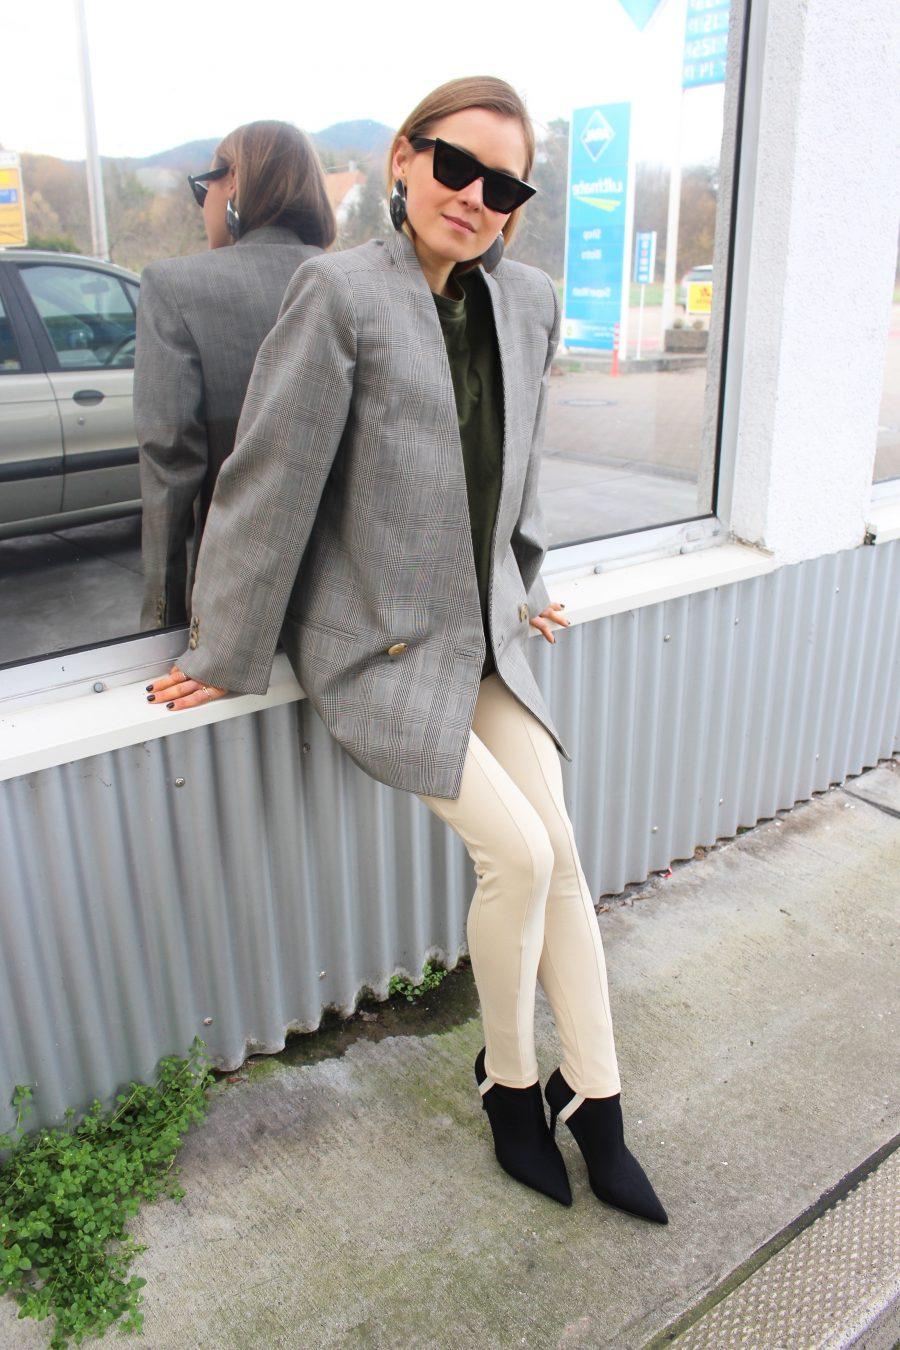 balenciaga tights leggings trend 2018